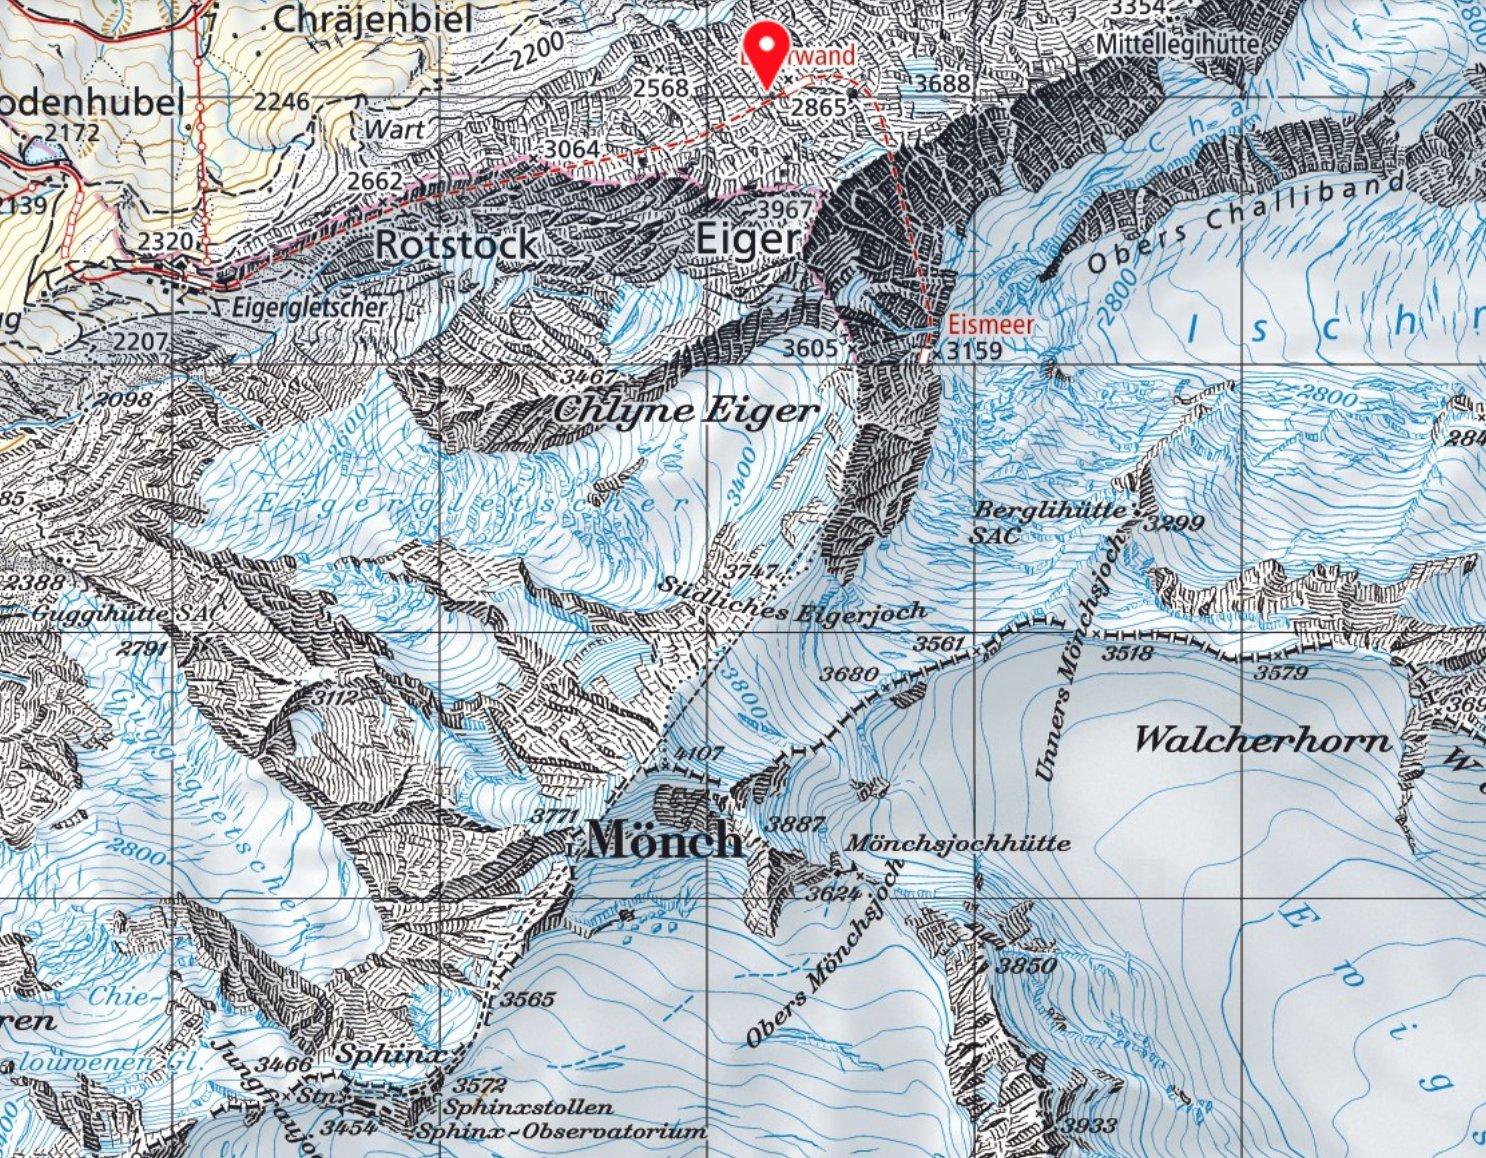 Mappa topografica Eiger e creste percorse